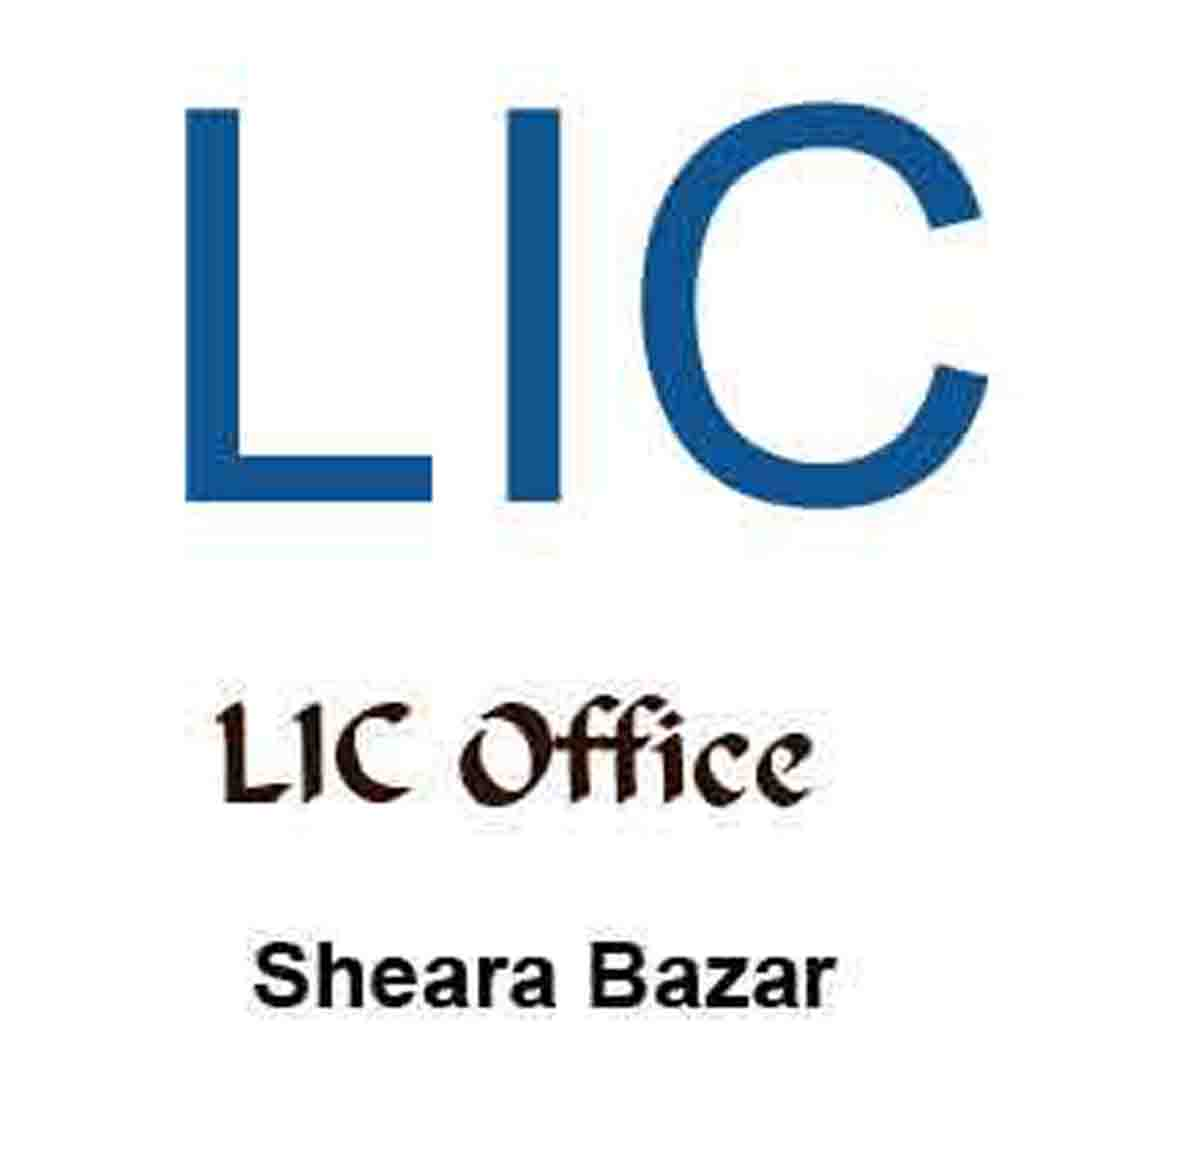 lic office sheara bazar